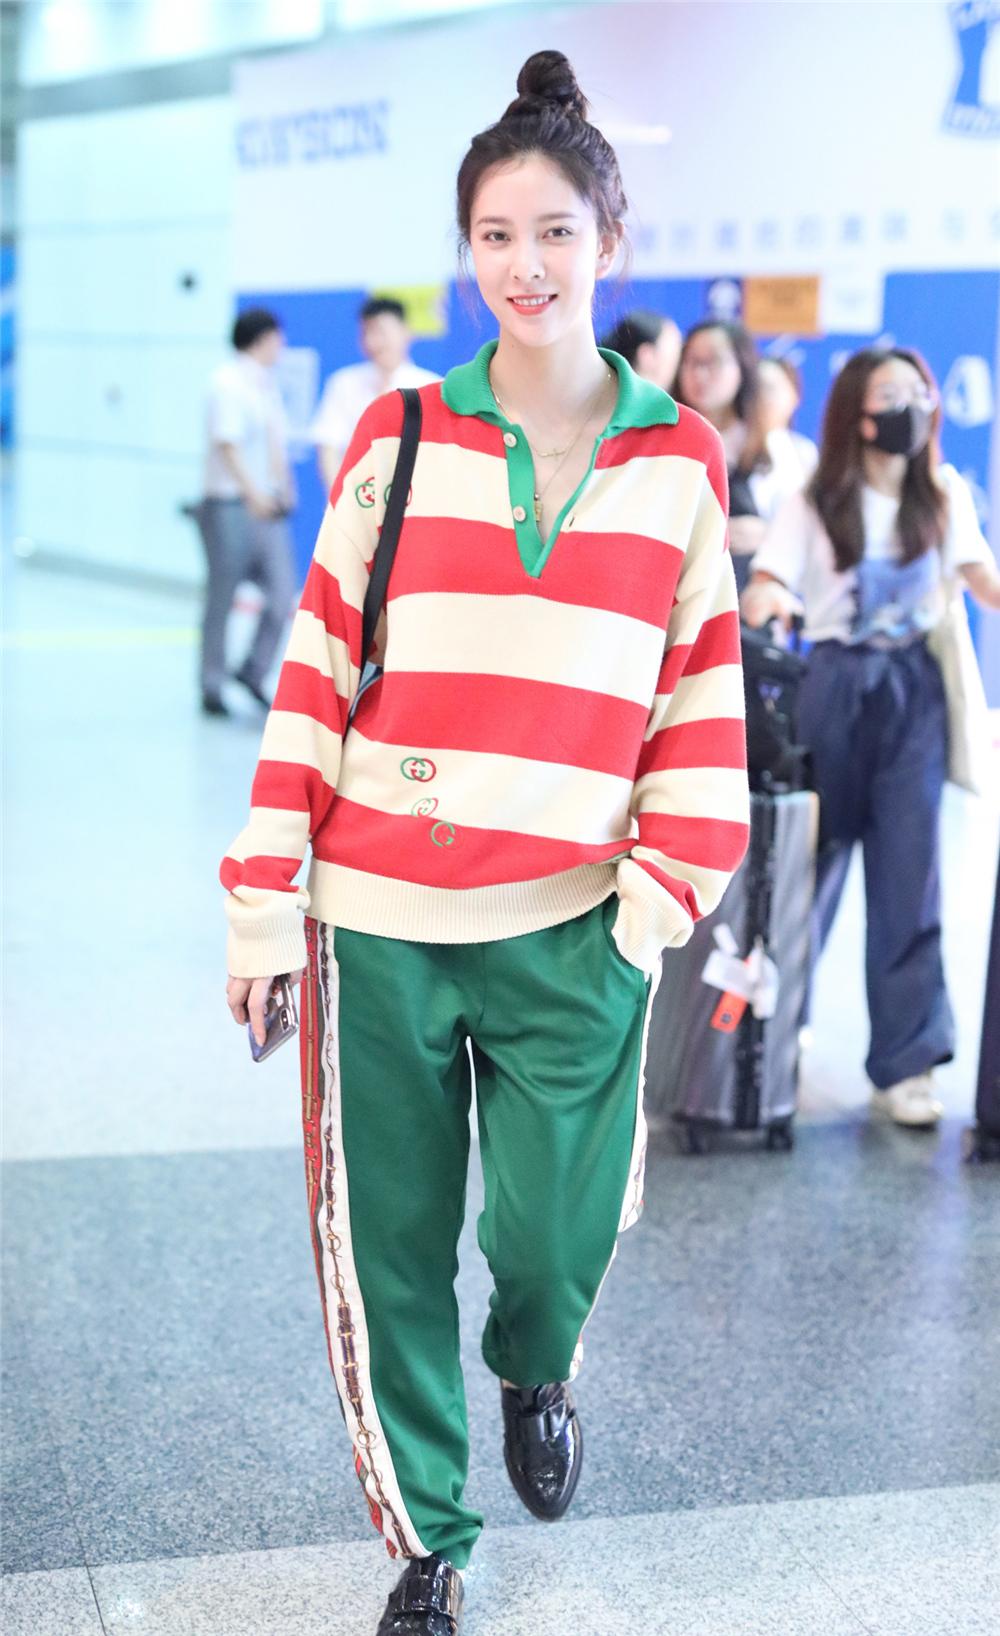 95后宋妍霏罕见搭男装,穿1万块衬衣套长裤,红配绿穿出甜美风!时装!